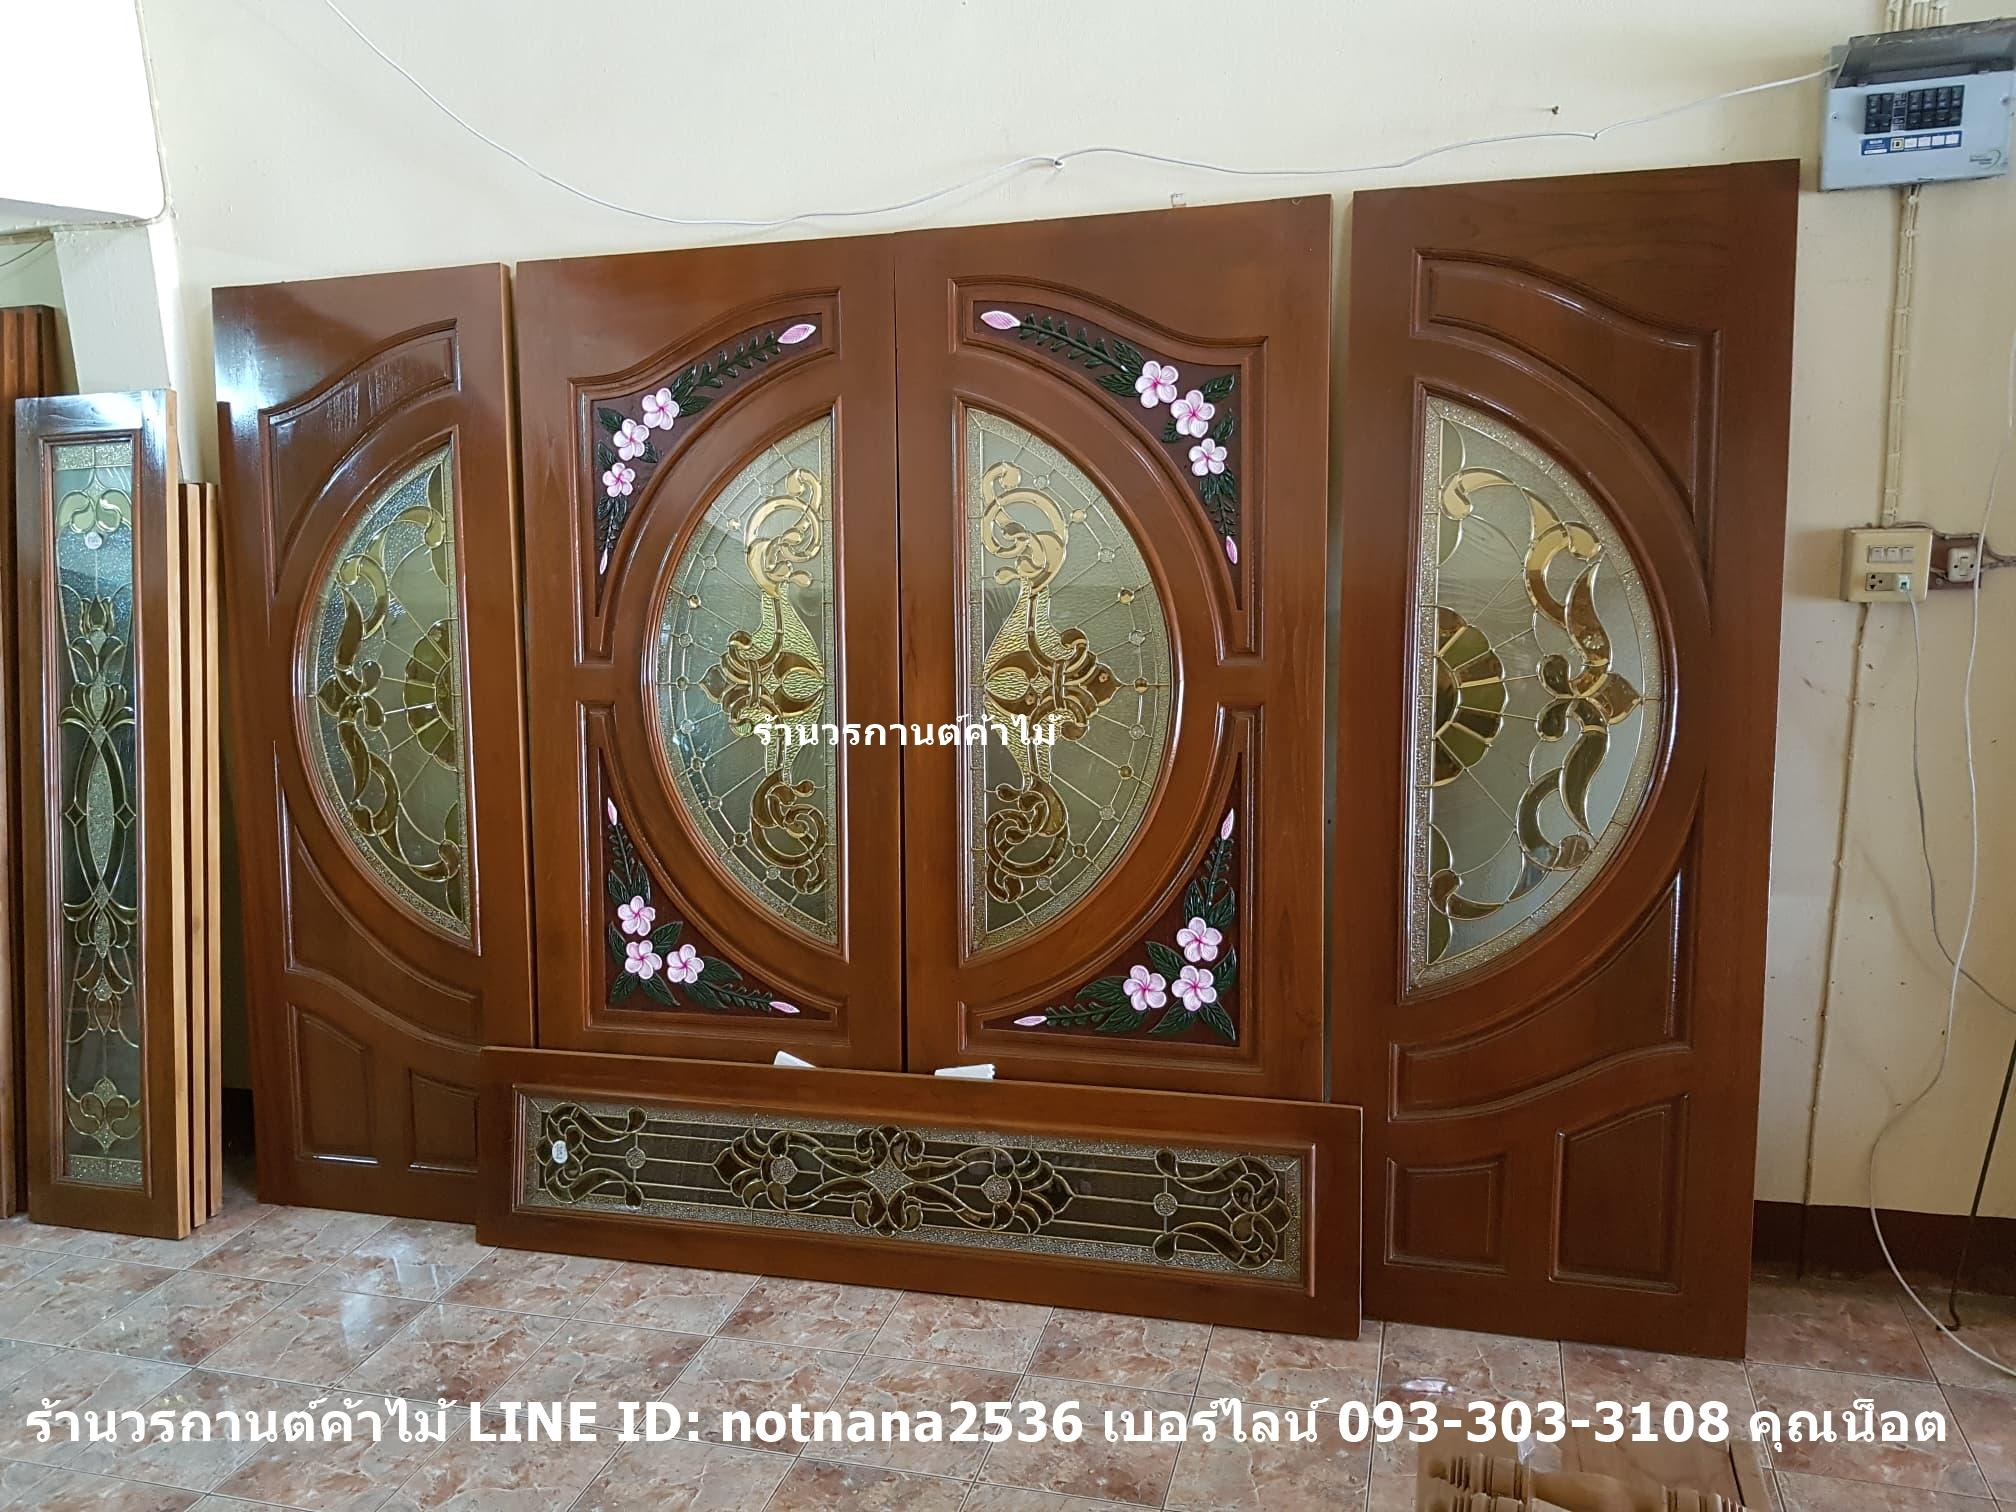 ประตูไม้สักกระจกนิรภัยแตงโมแกะลีลาวดี เกรดA,B รหัสAAA128